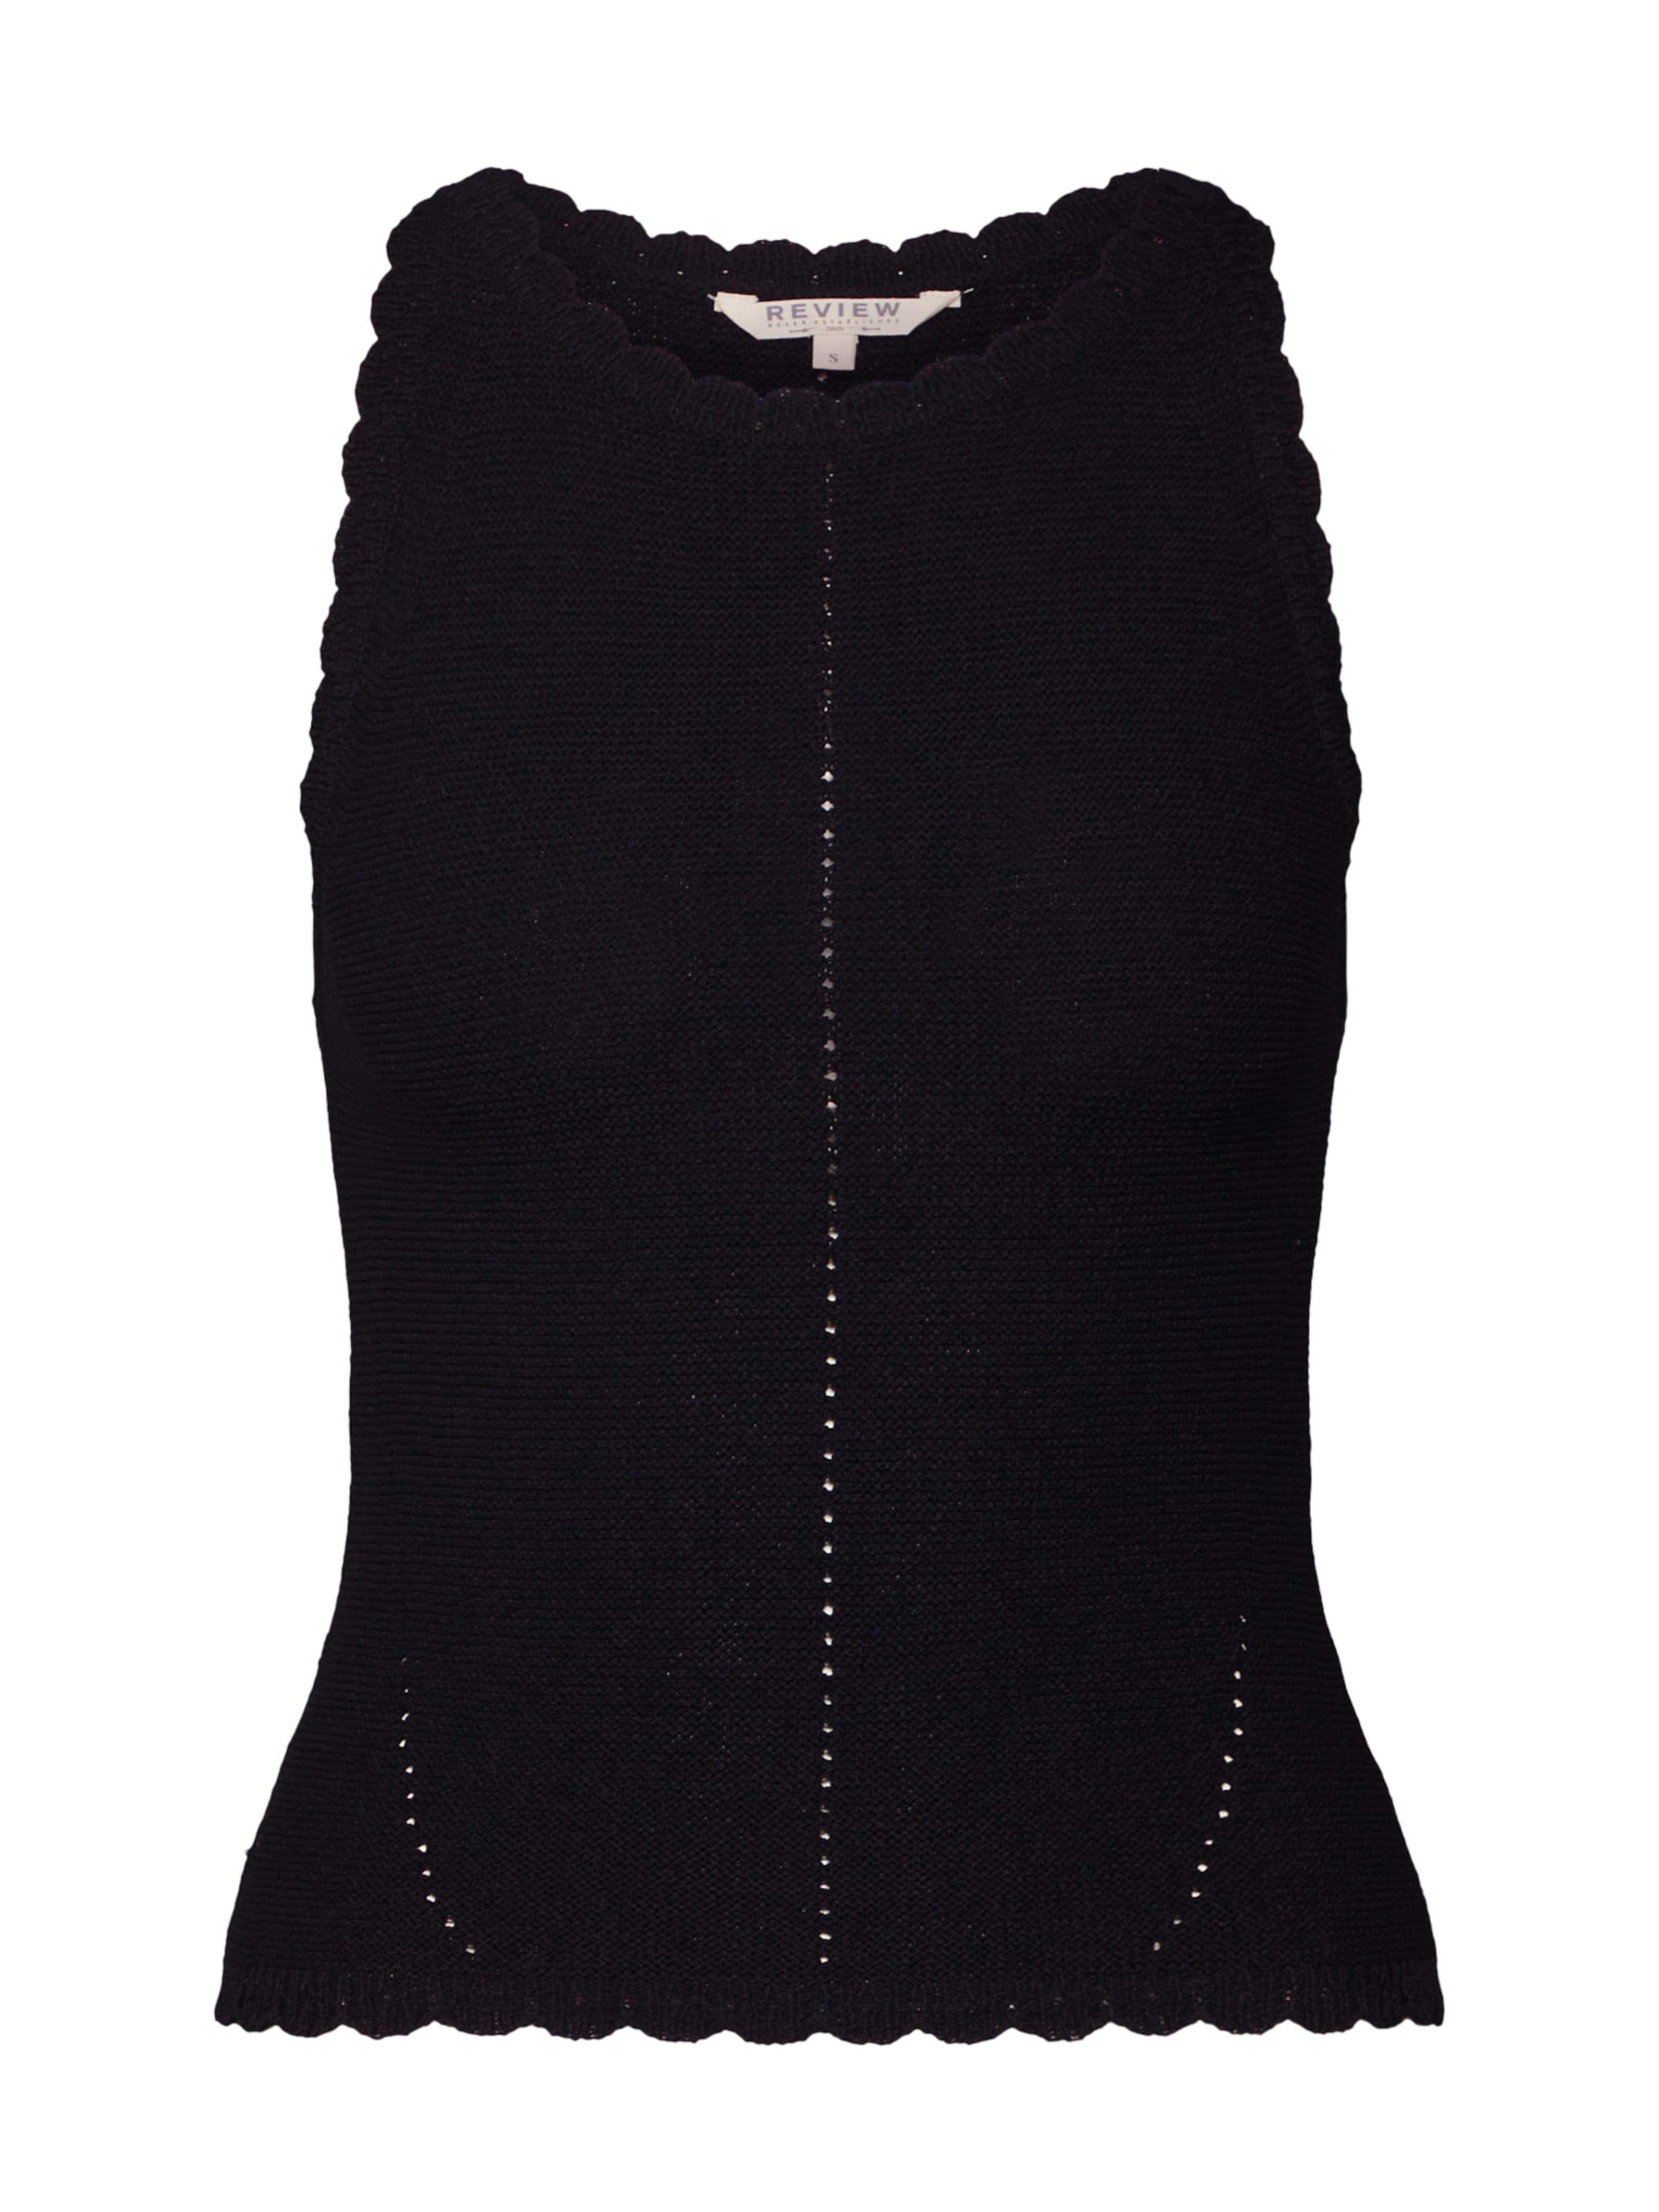 'new shirt En Top' Review T Noir Neckhold MqUGVpSz